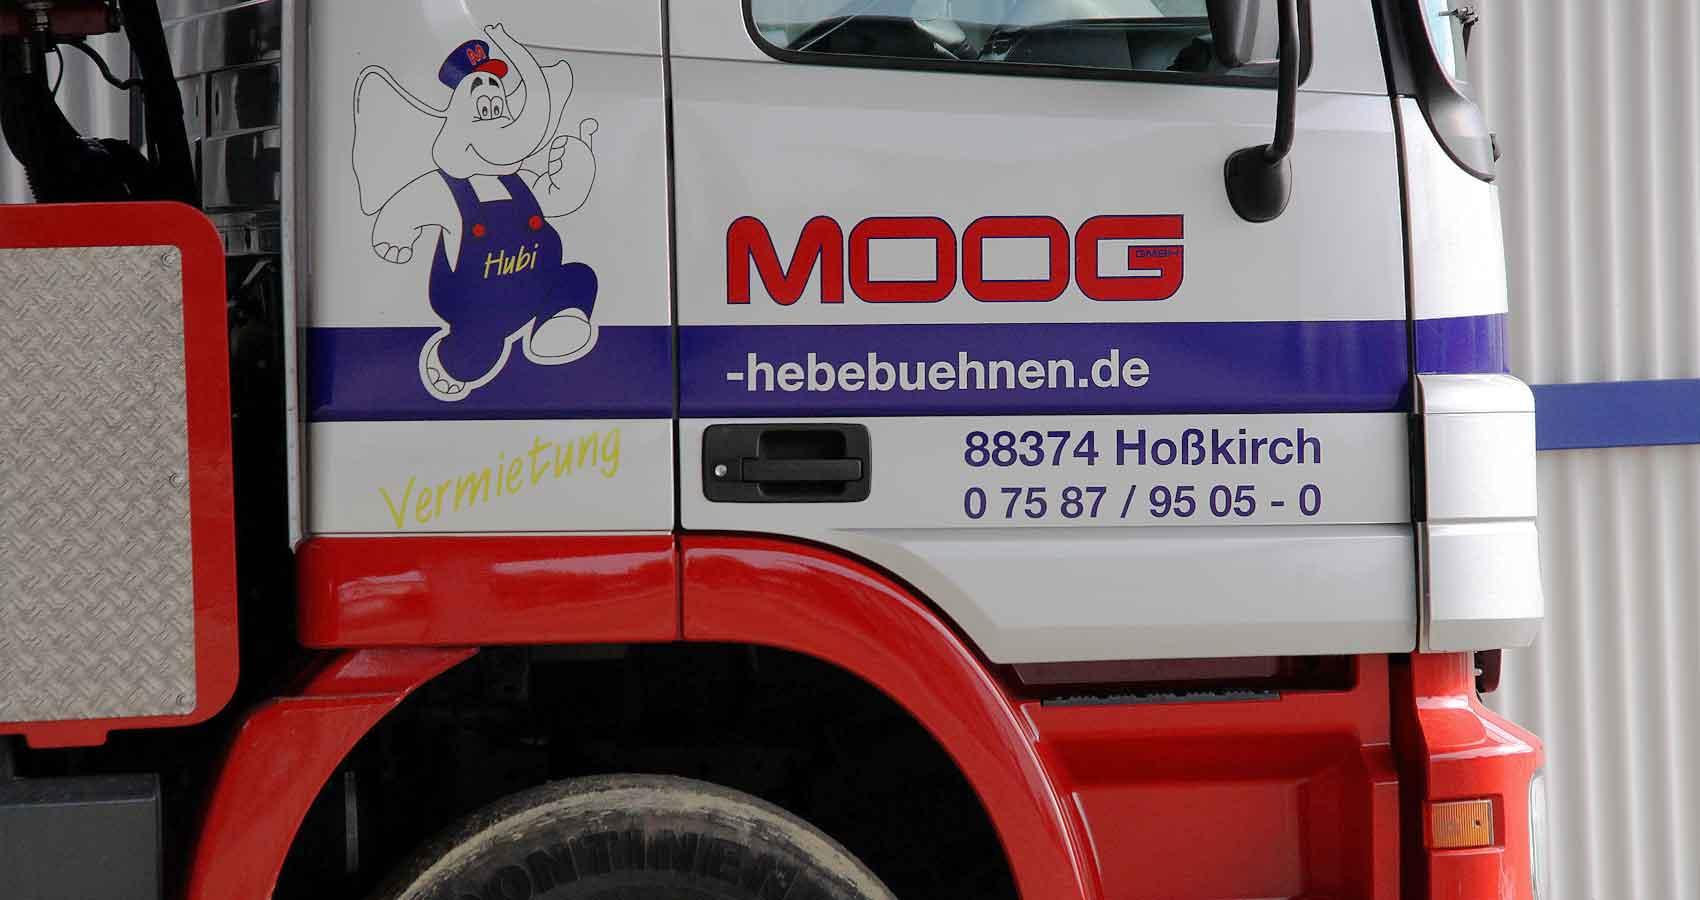 moog-hebebuehne-slide2